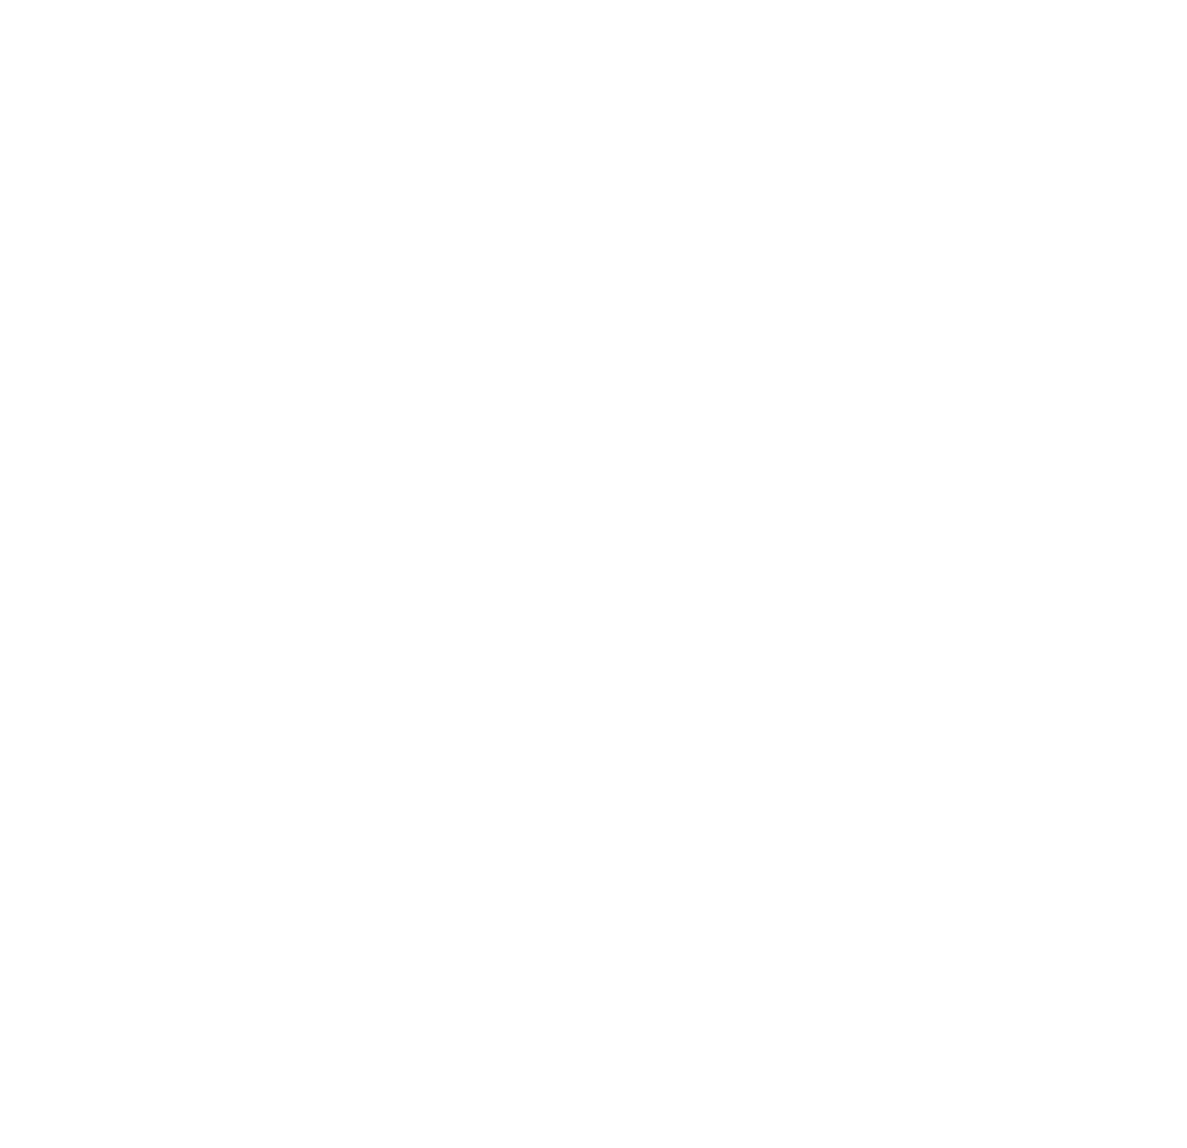 logo_quadrado_branco